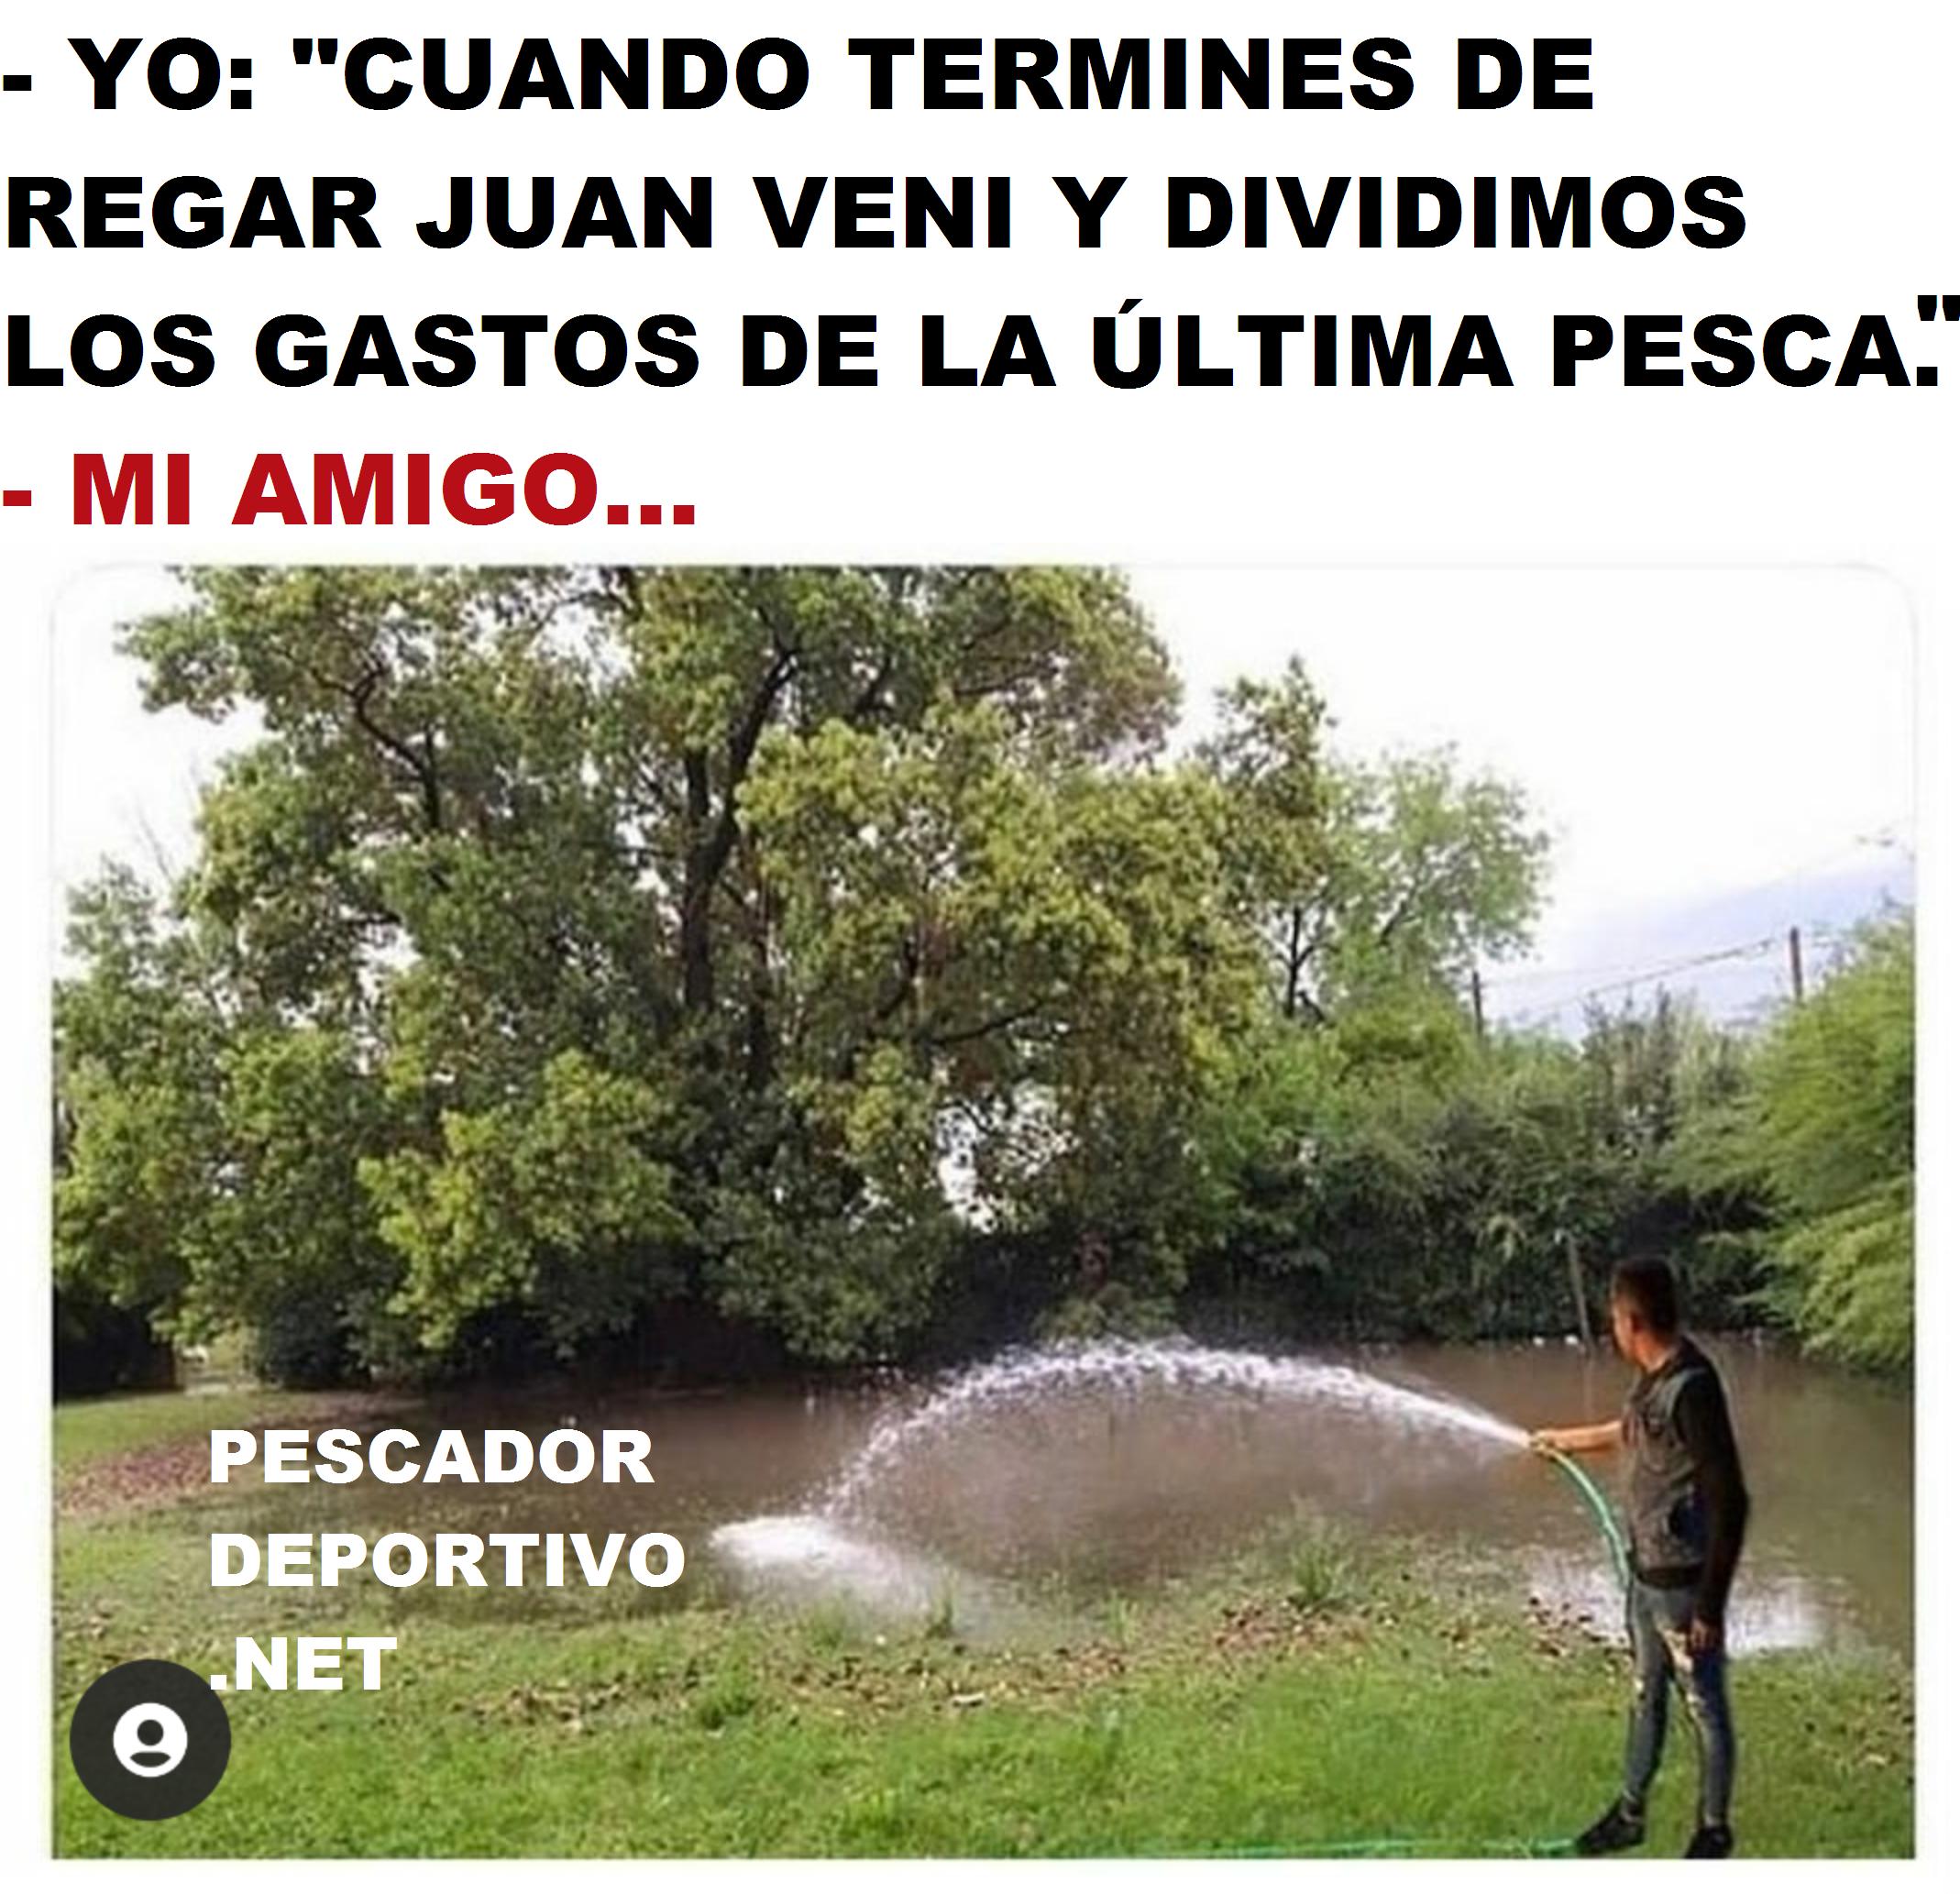 GASTOS PESCA